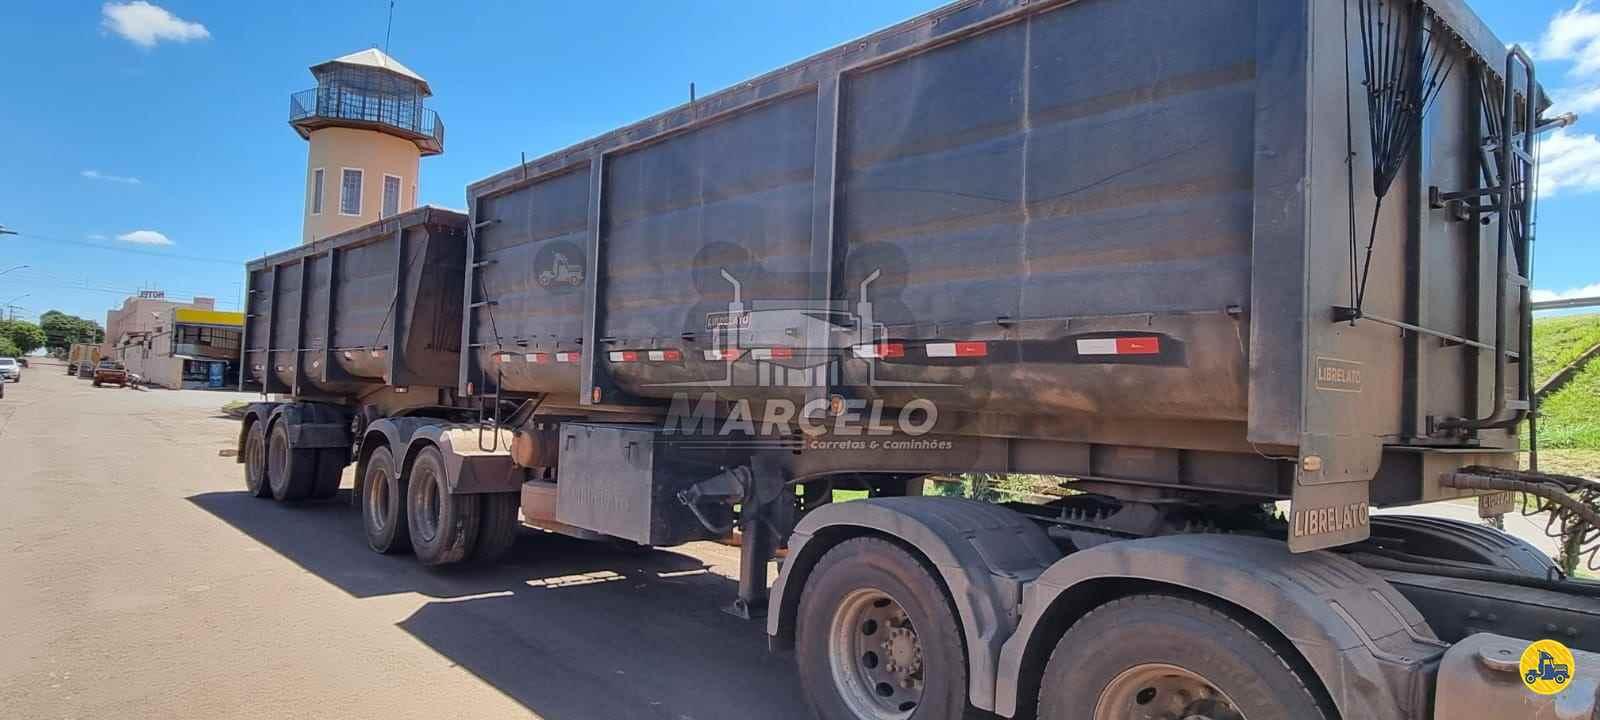 CARRETA BITREM BASCULANTE Marcelo Carretas e Caminhões PIRAPOZINHO SÃO PAULO SP